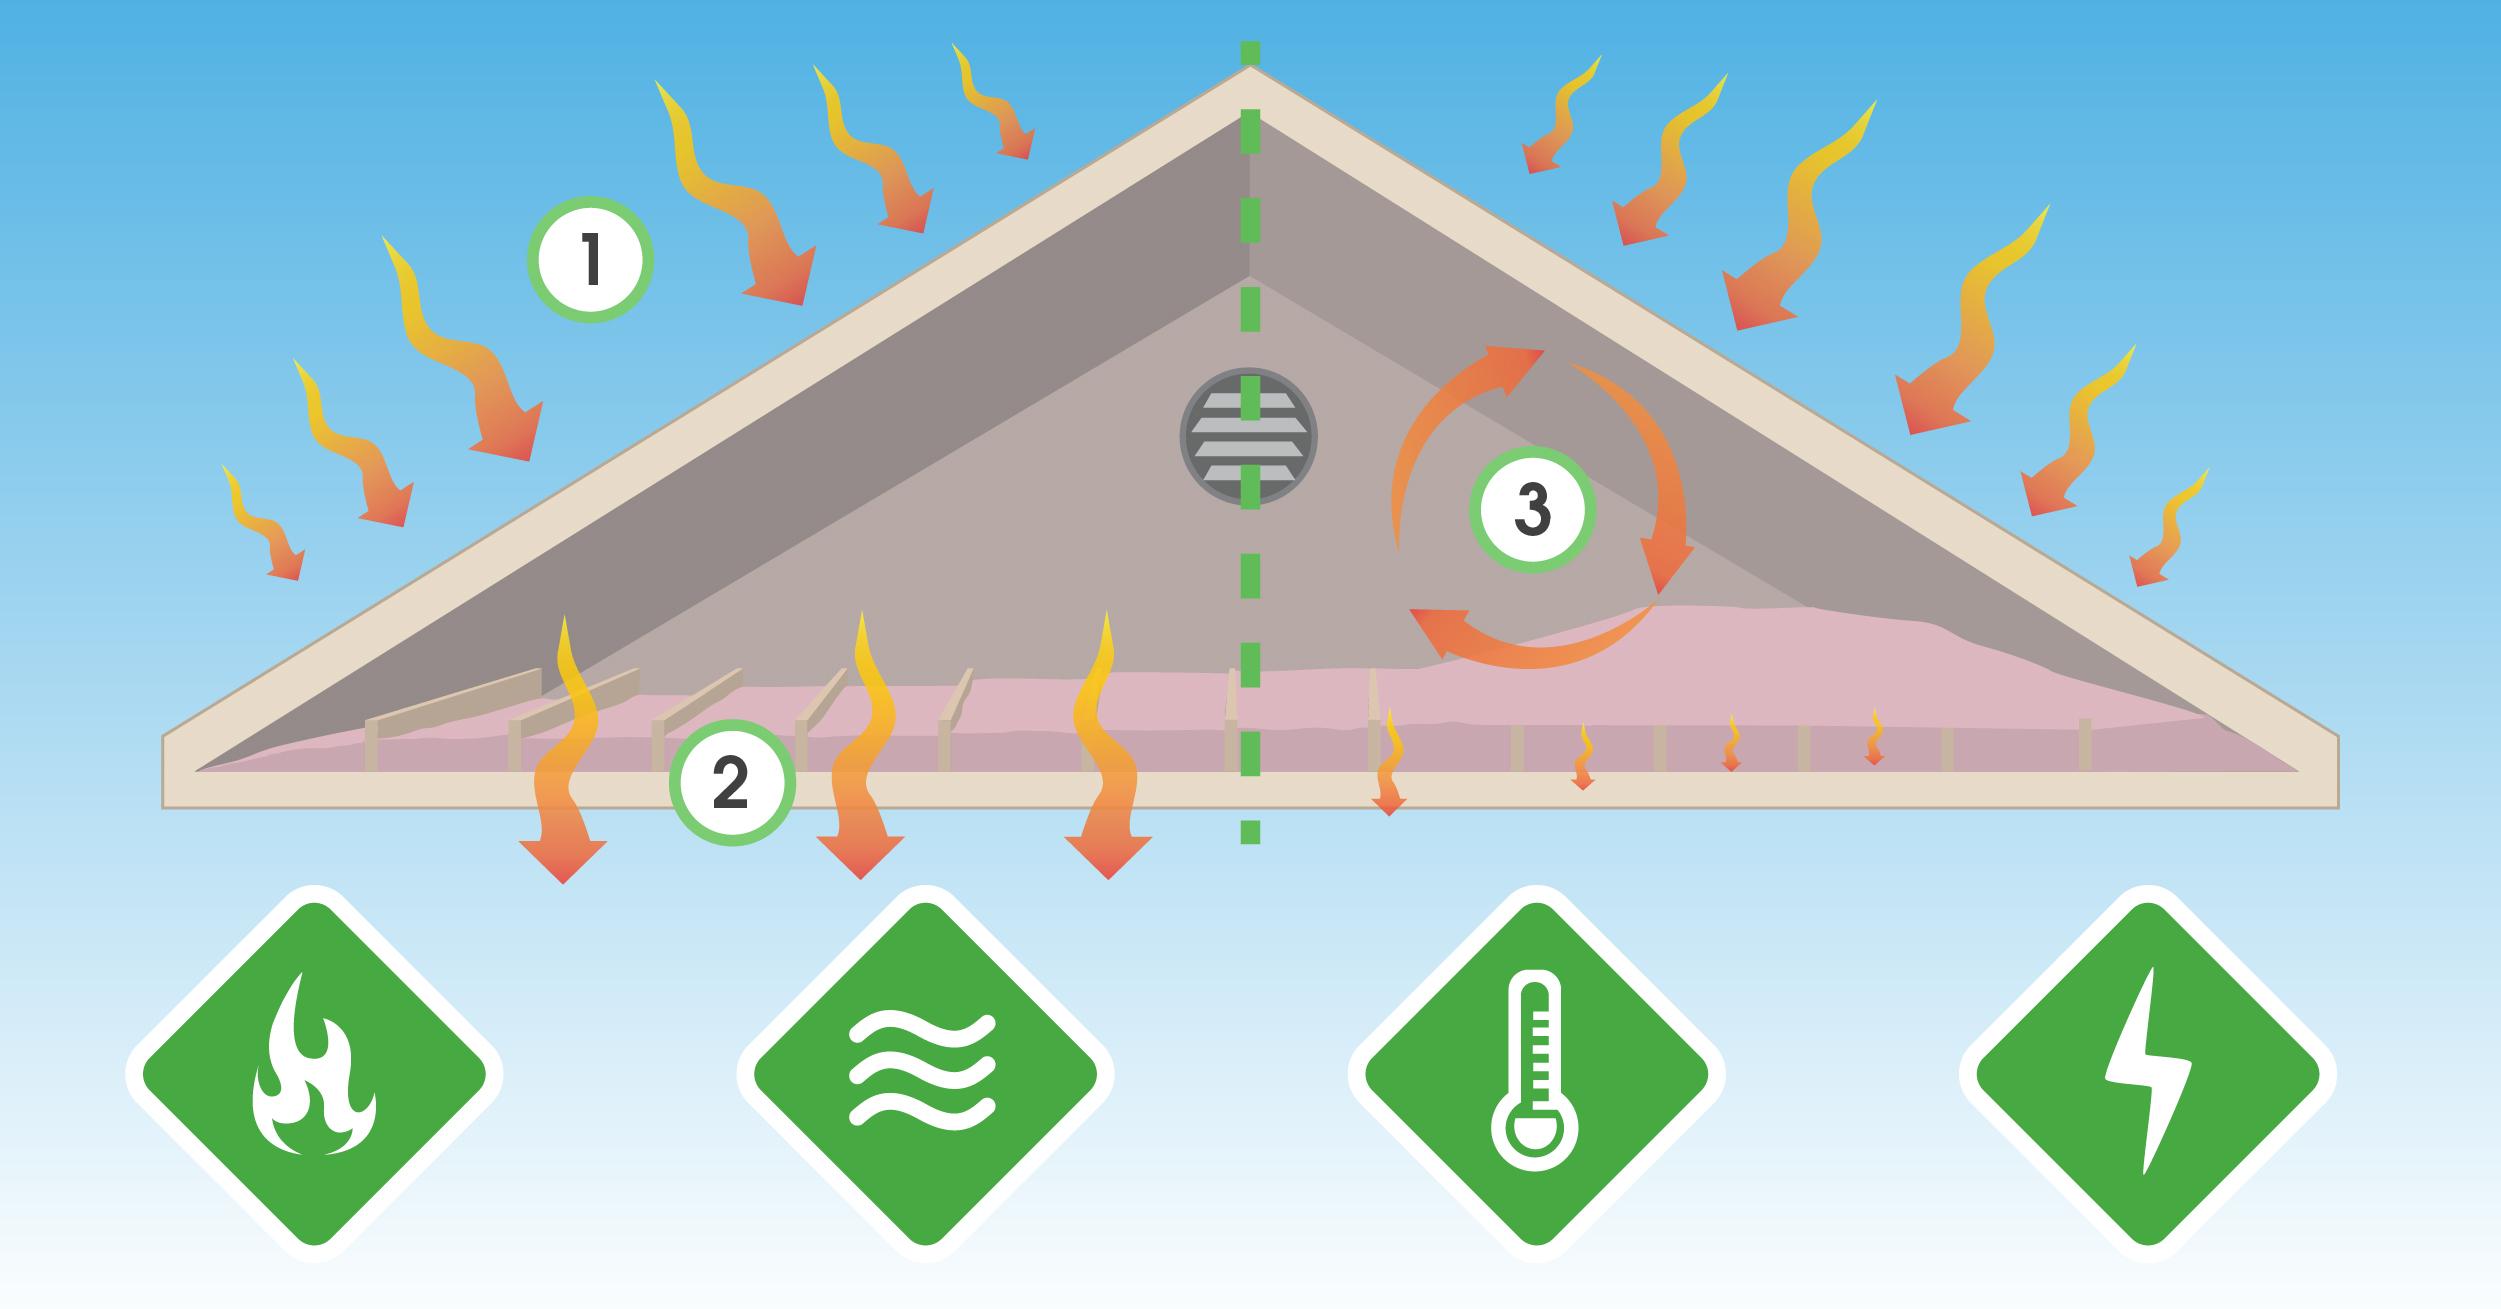 attic insulation infographic image arbor insulation